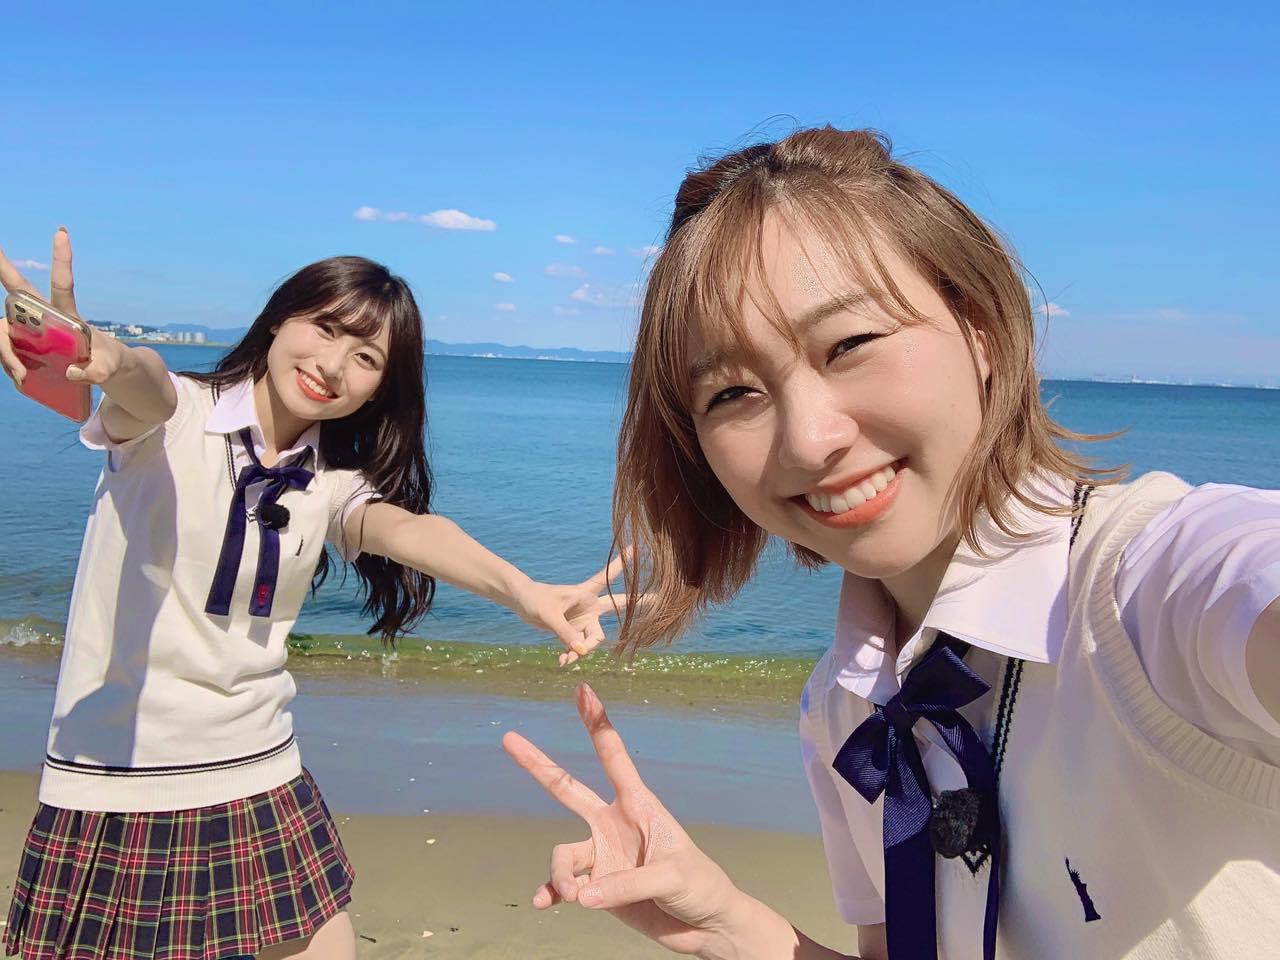 「SKE48は君と歌いたい」須田亜香里&青海ひな乃が蒲郡海鮮市場を訪ね、販売員の男性と出会う